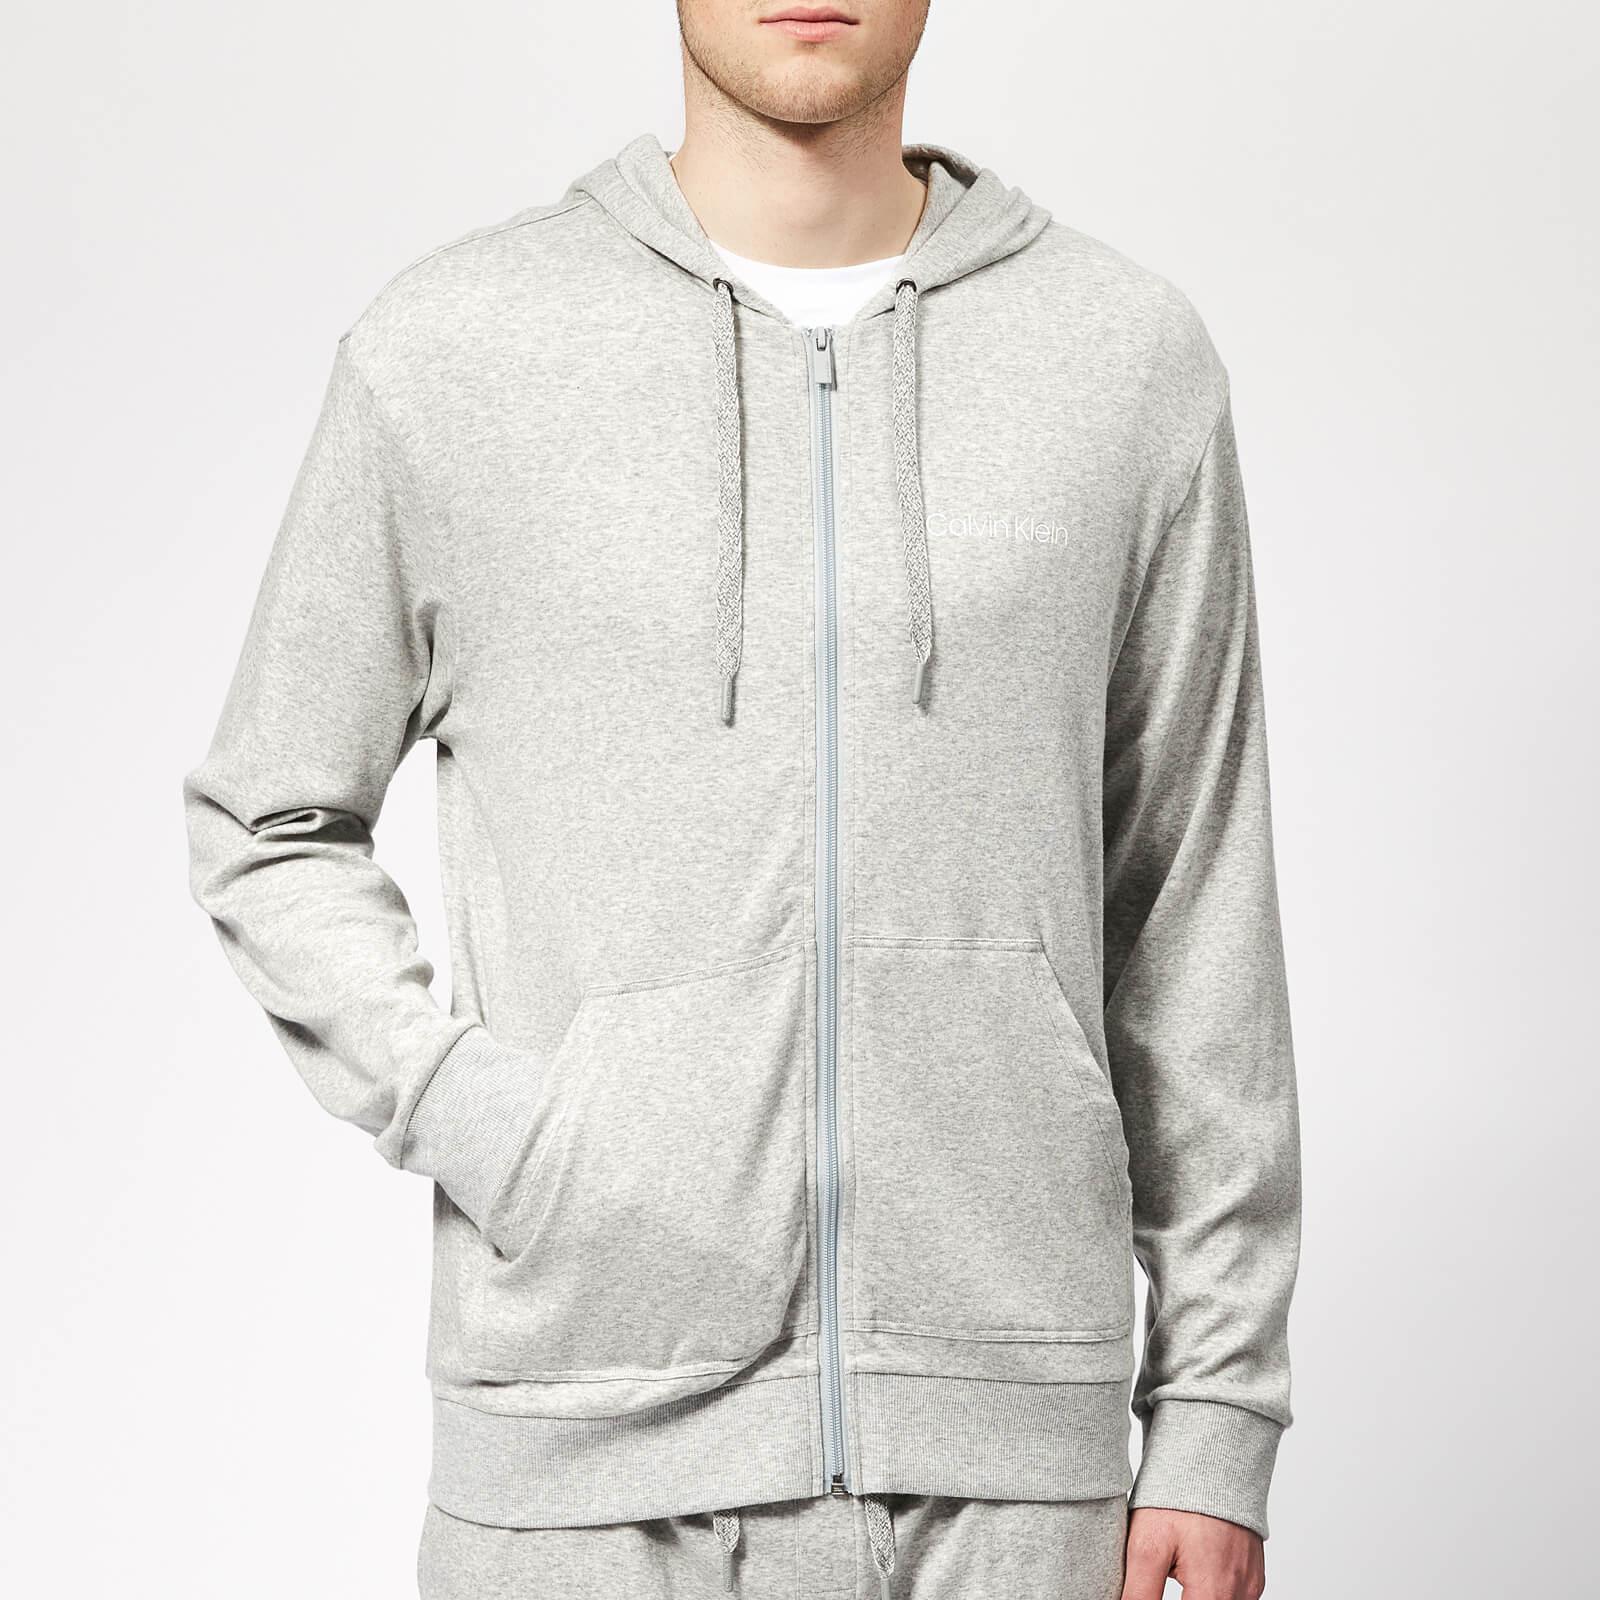 be99198379b7 Calvin Klein Full Zip Lounge Hoodie in Gray for Men - Lyst